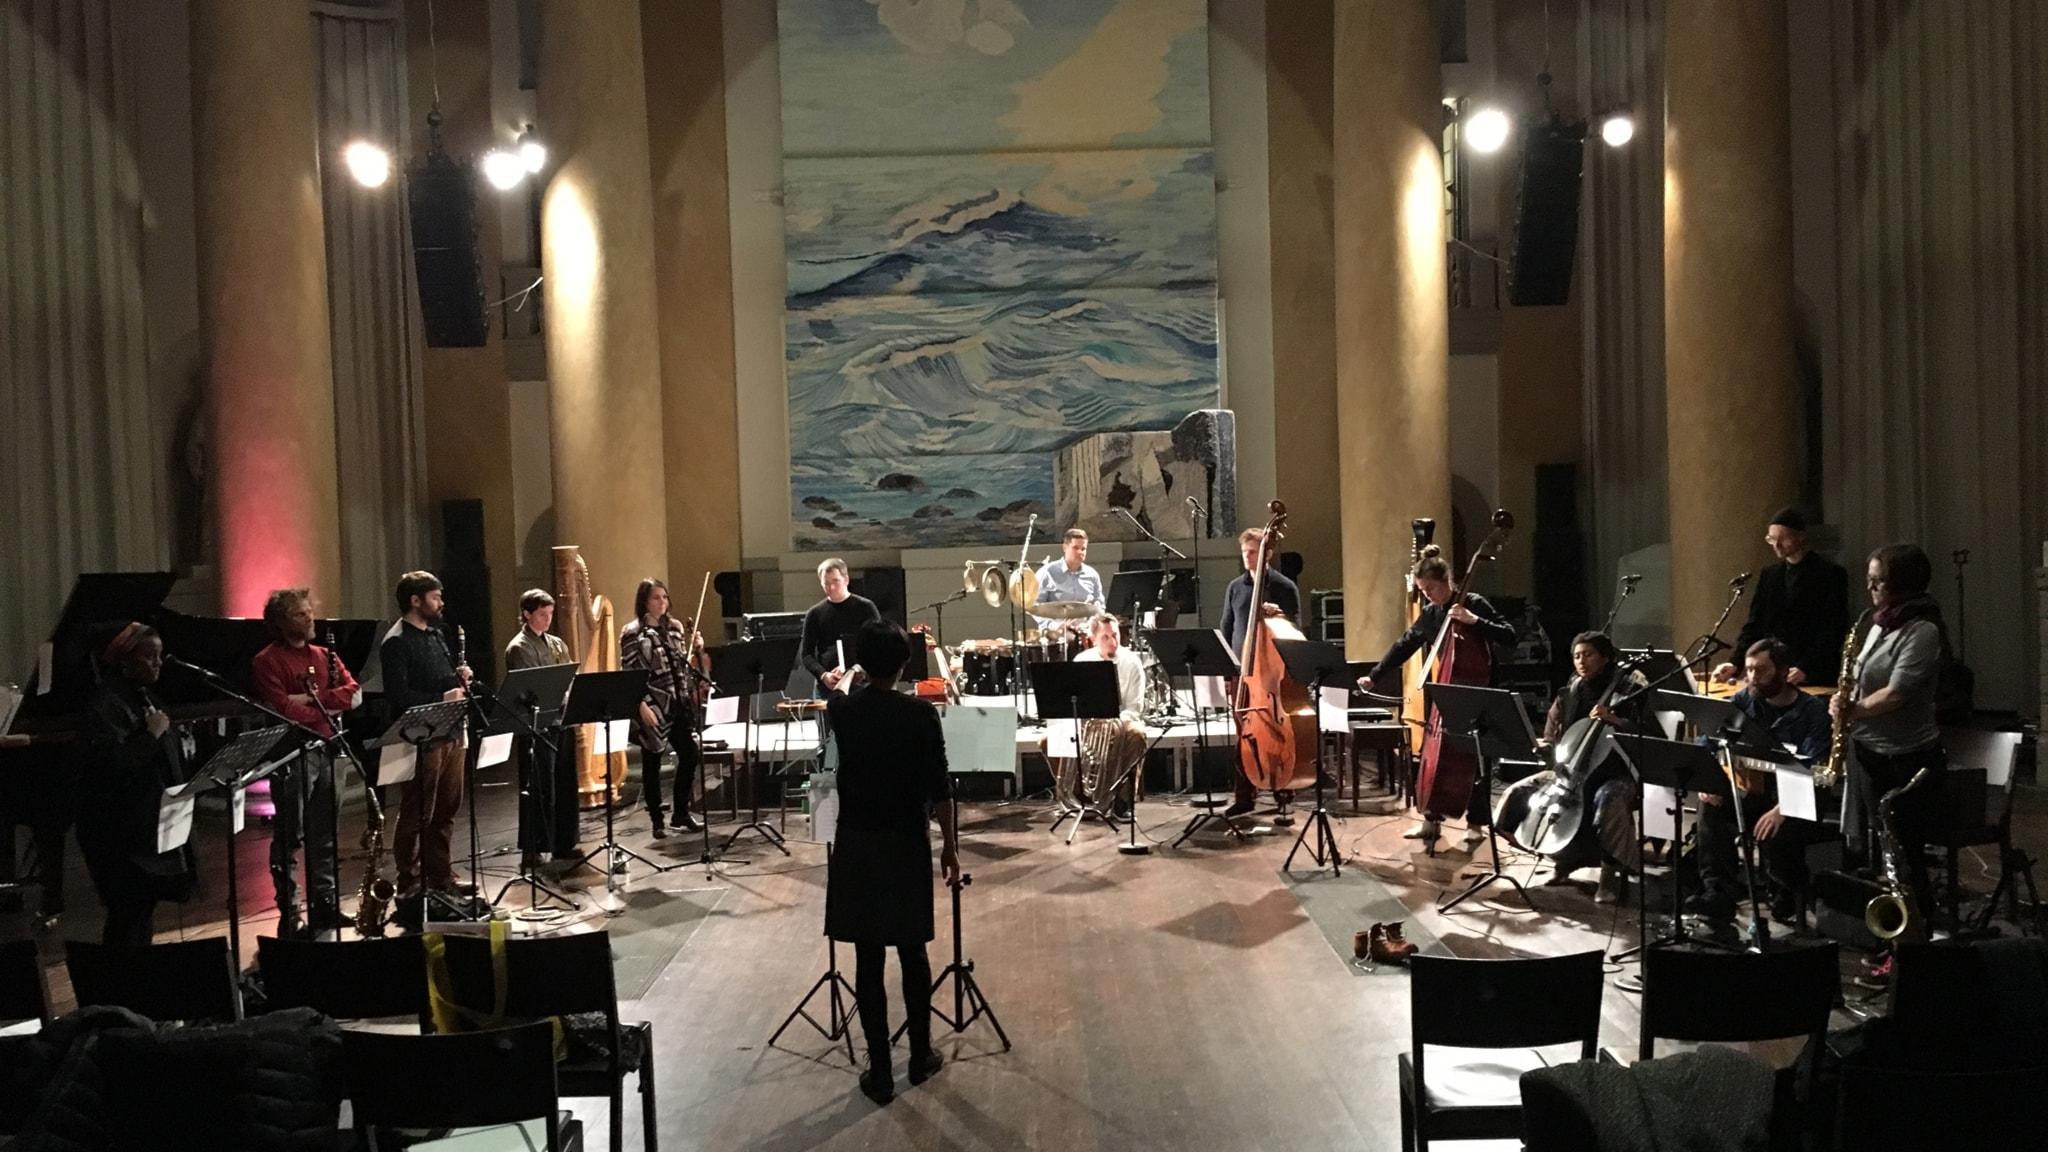 Bild: Tri-centric project spelar musik av Anthony Braxton.